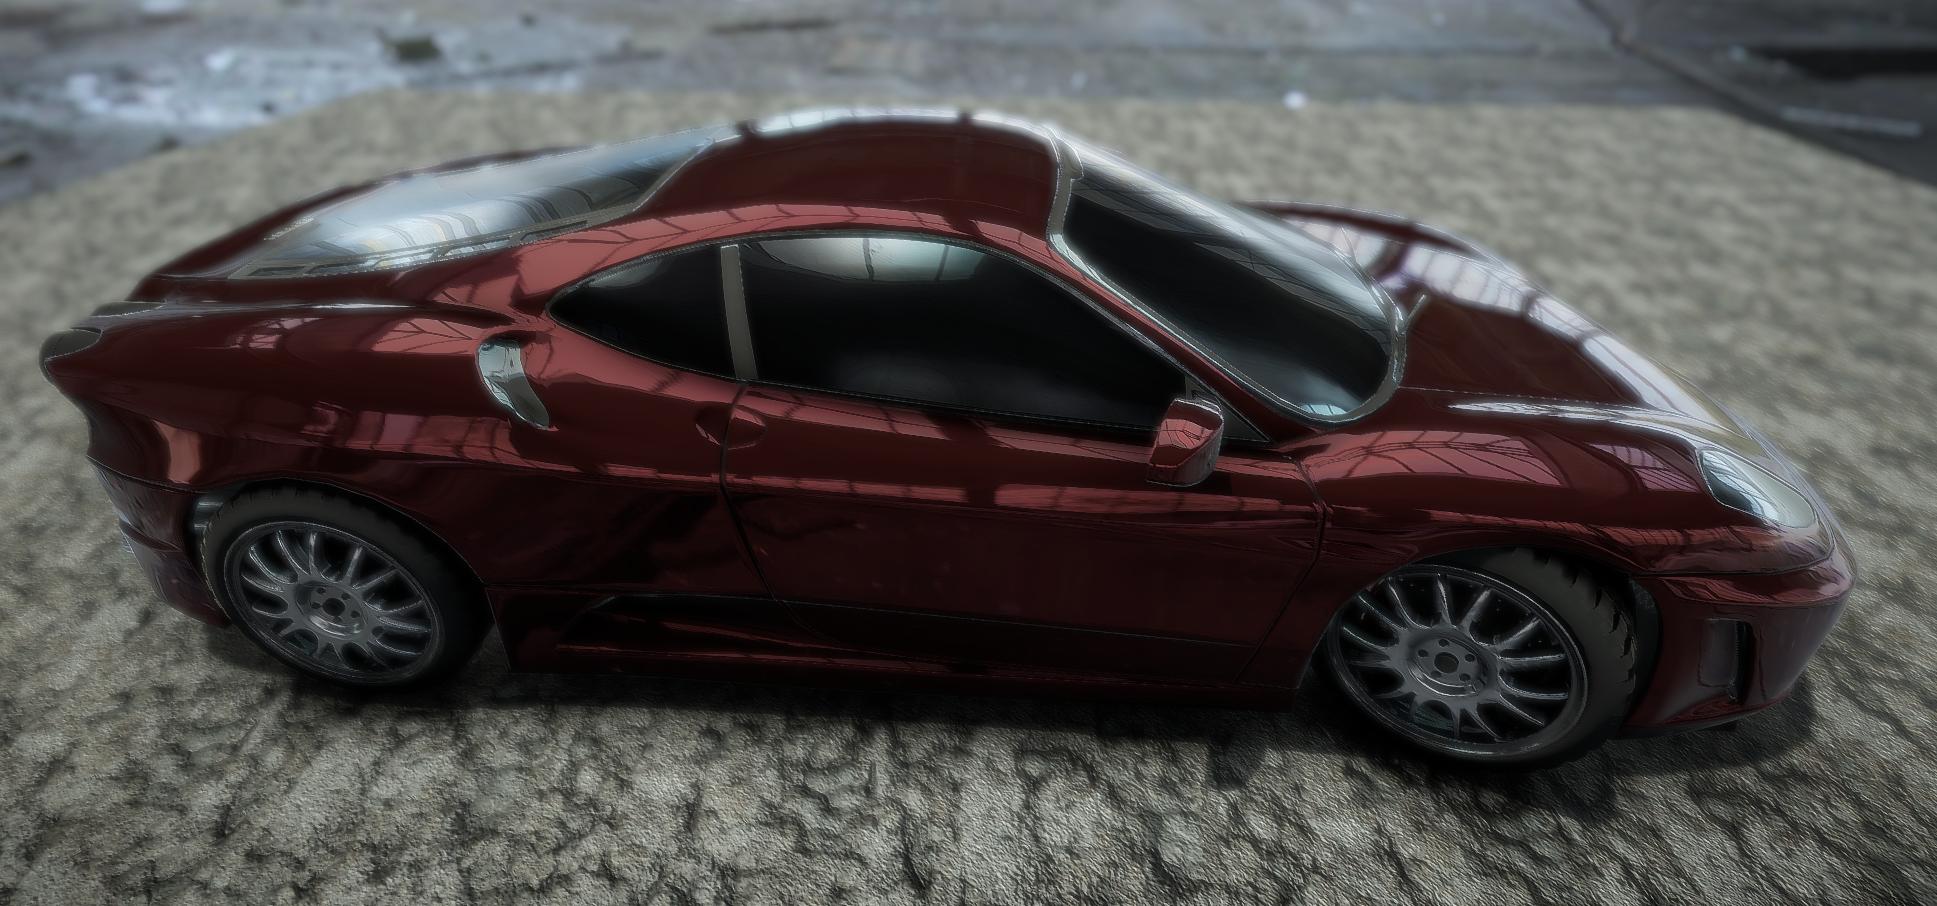 GFX for Automotive